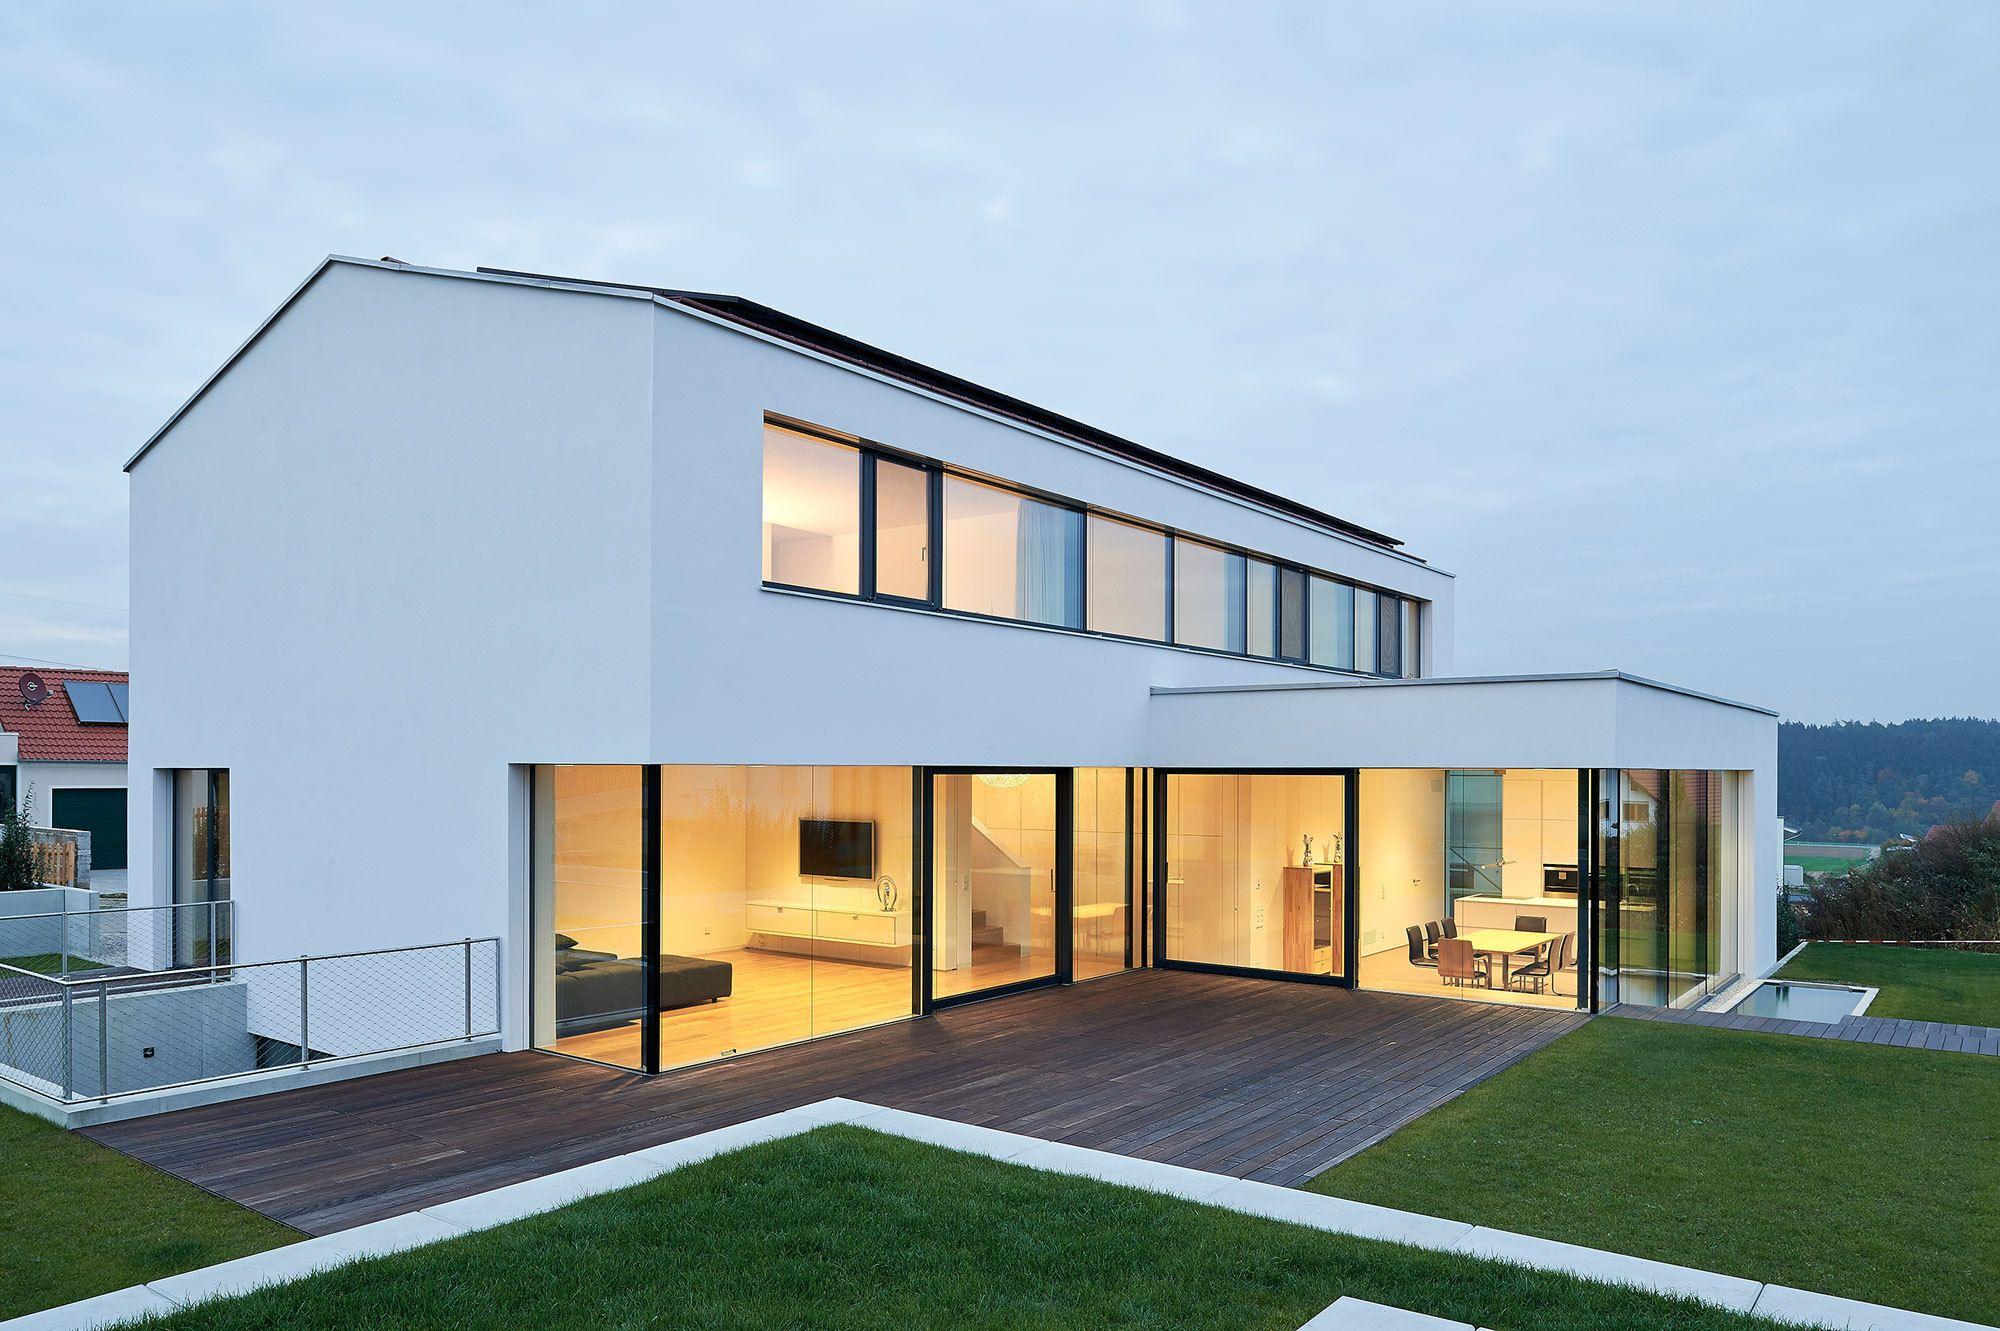 Architekten Landshut neumeister paringer architekten bda landshut architekten